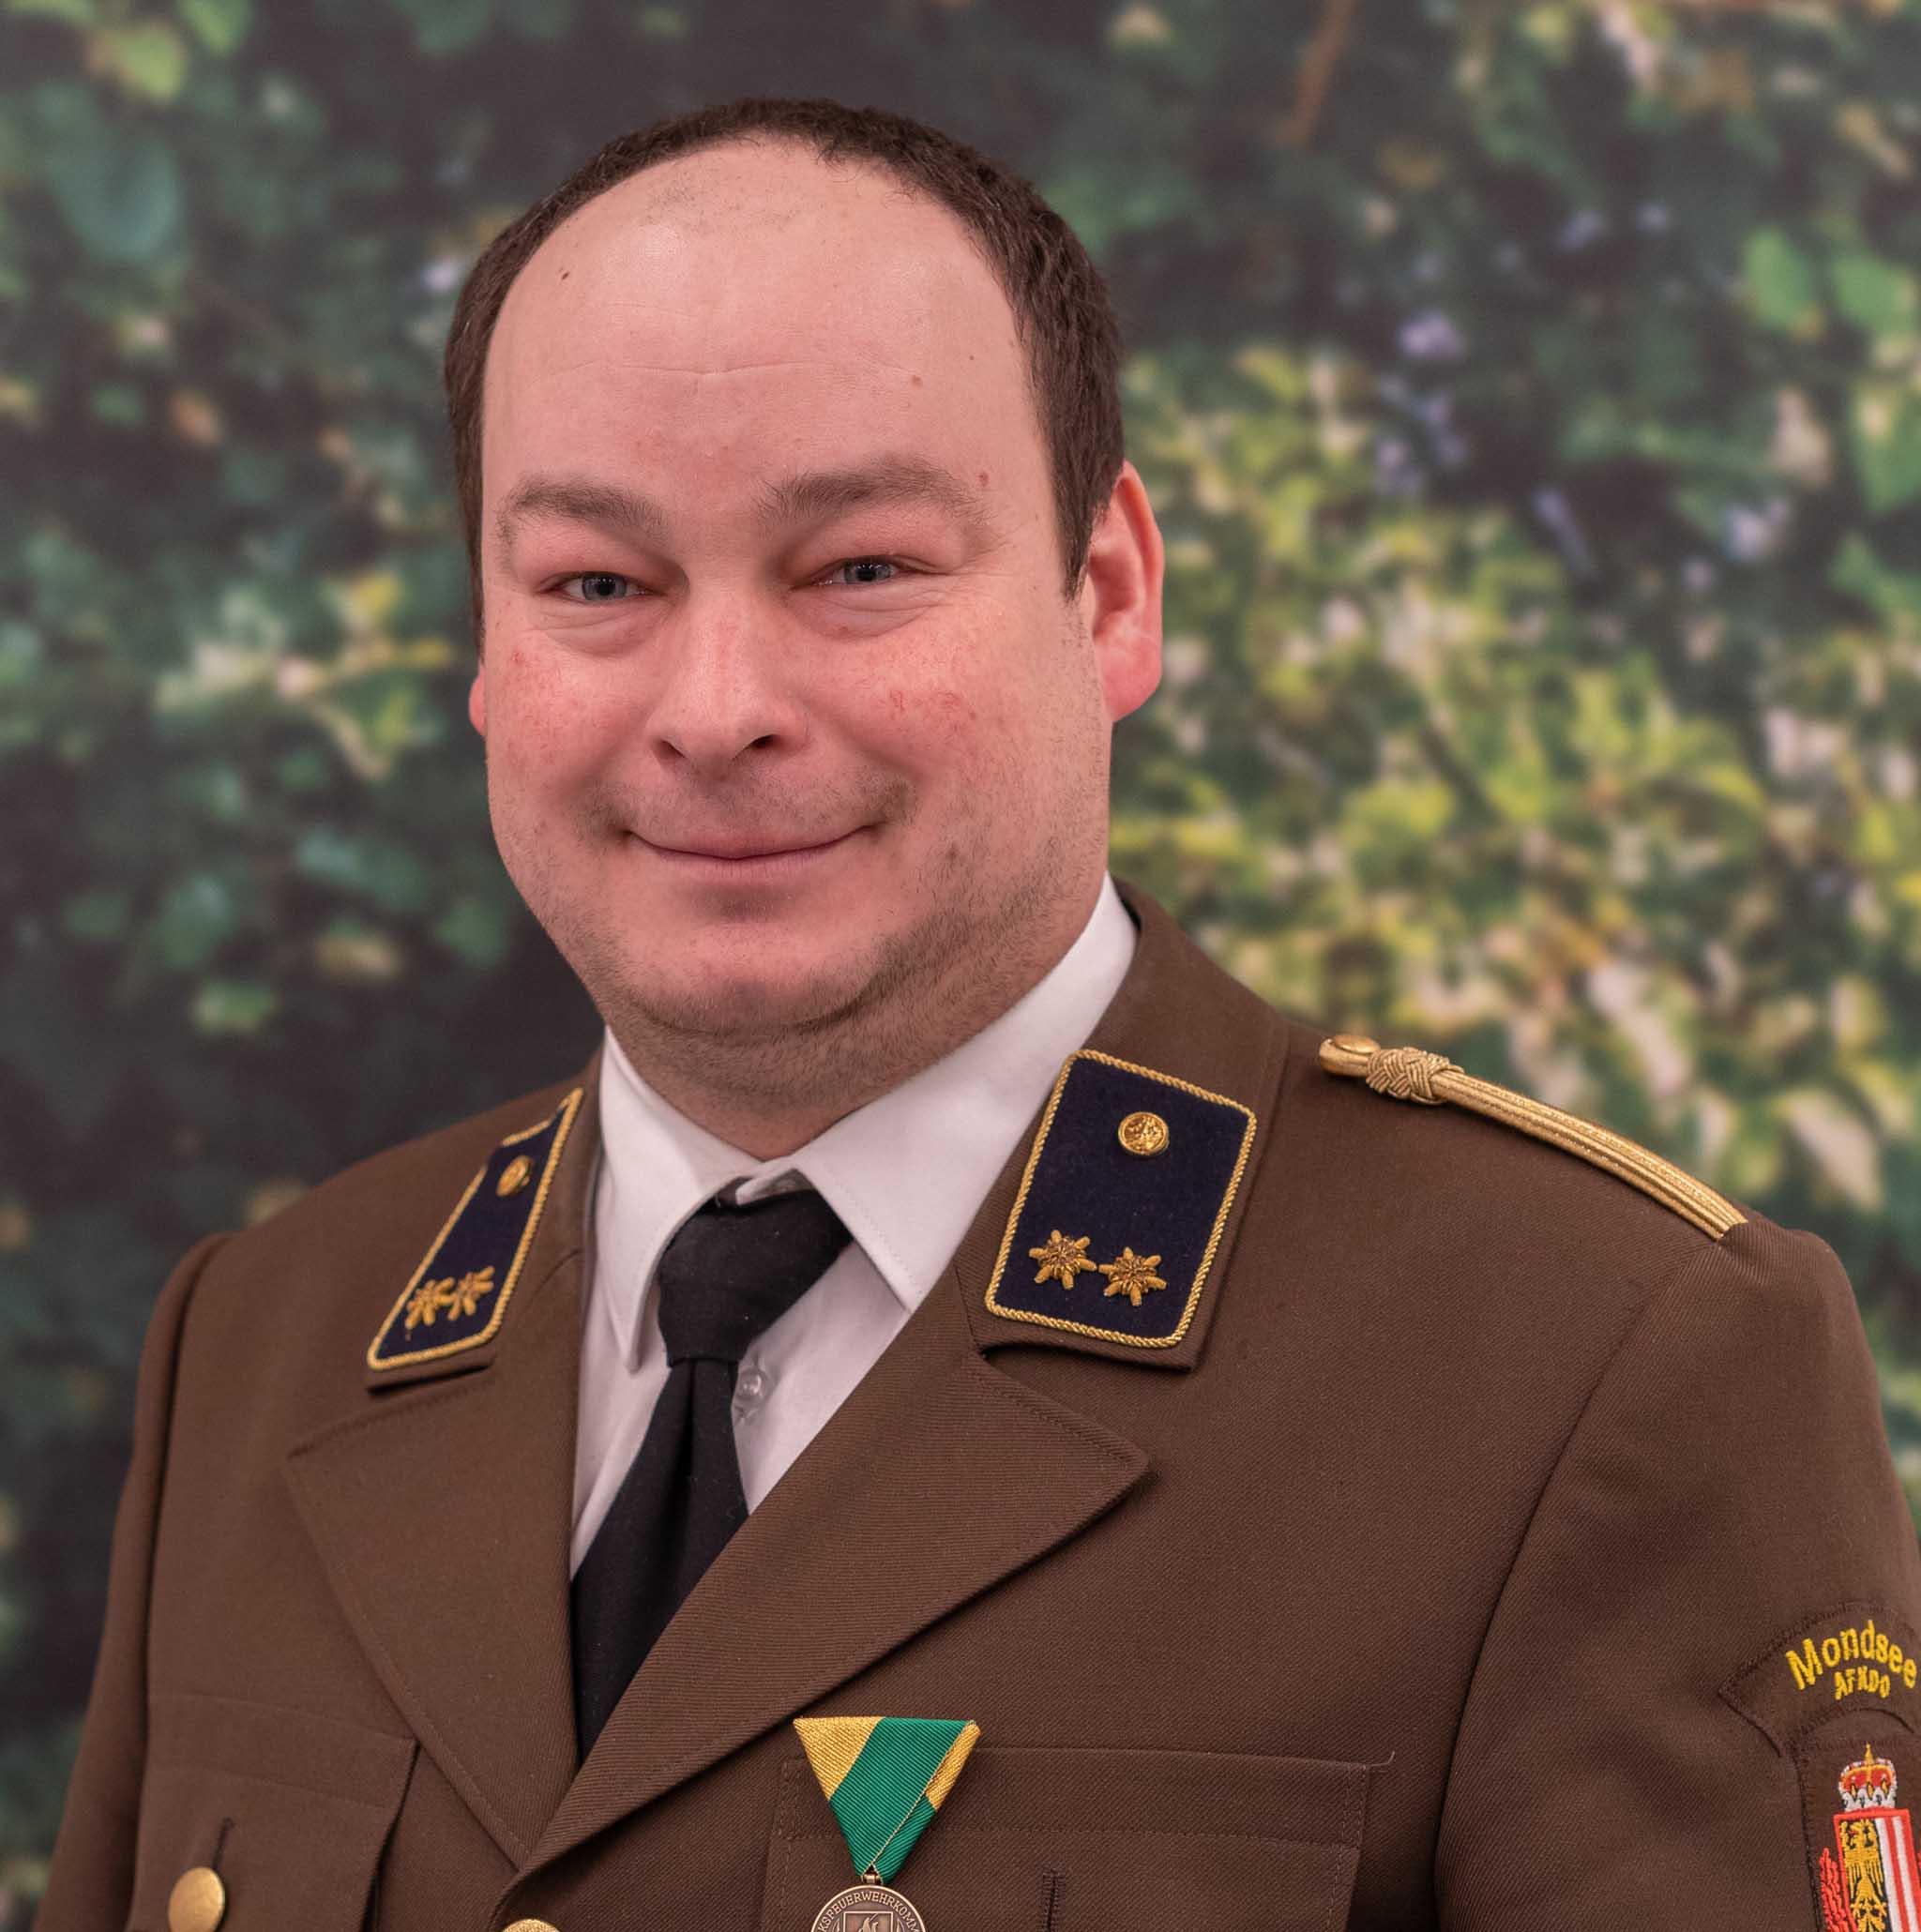 OAW Robert Ullmann